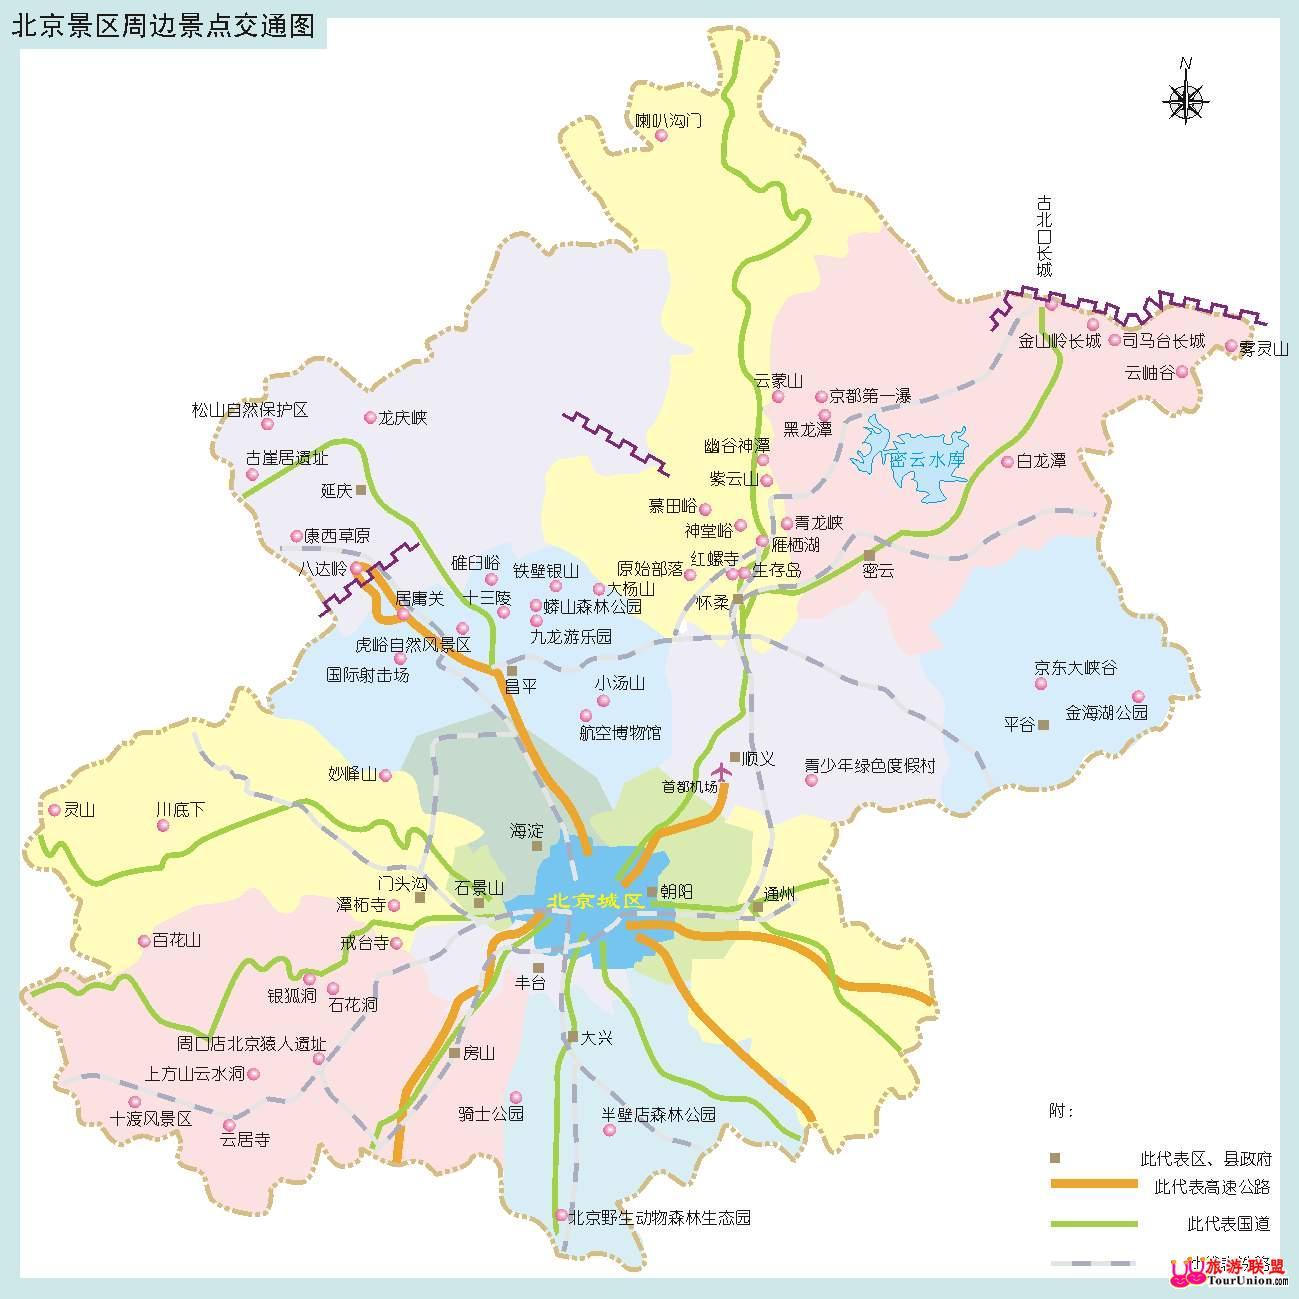 北京天气实时查询 北京一周天气预报 北京天气